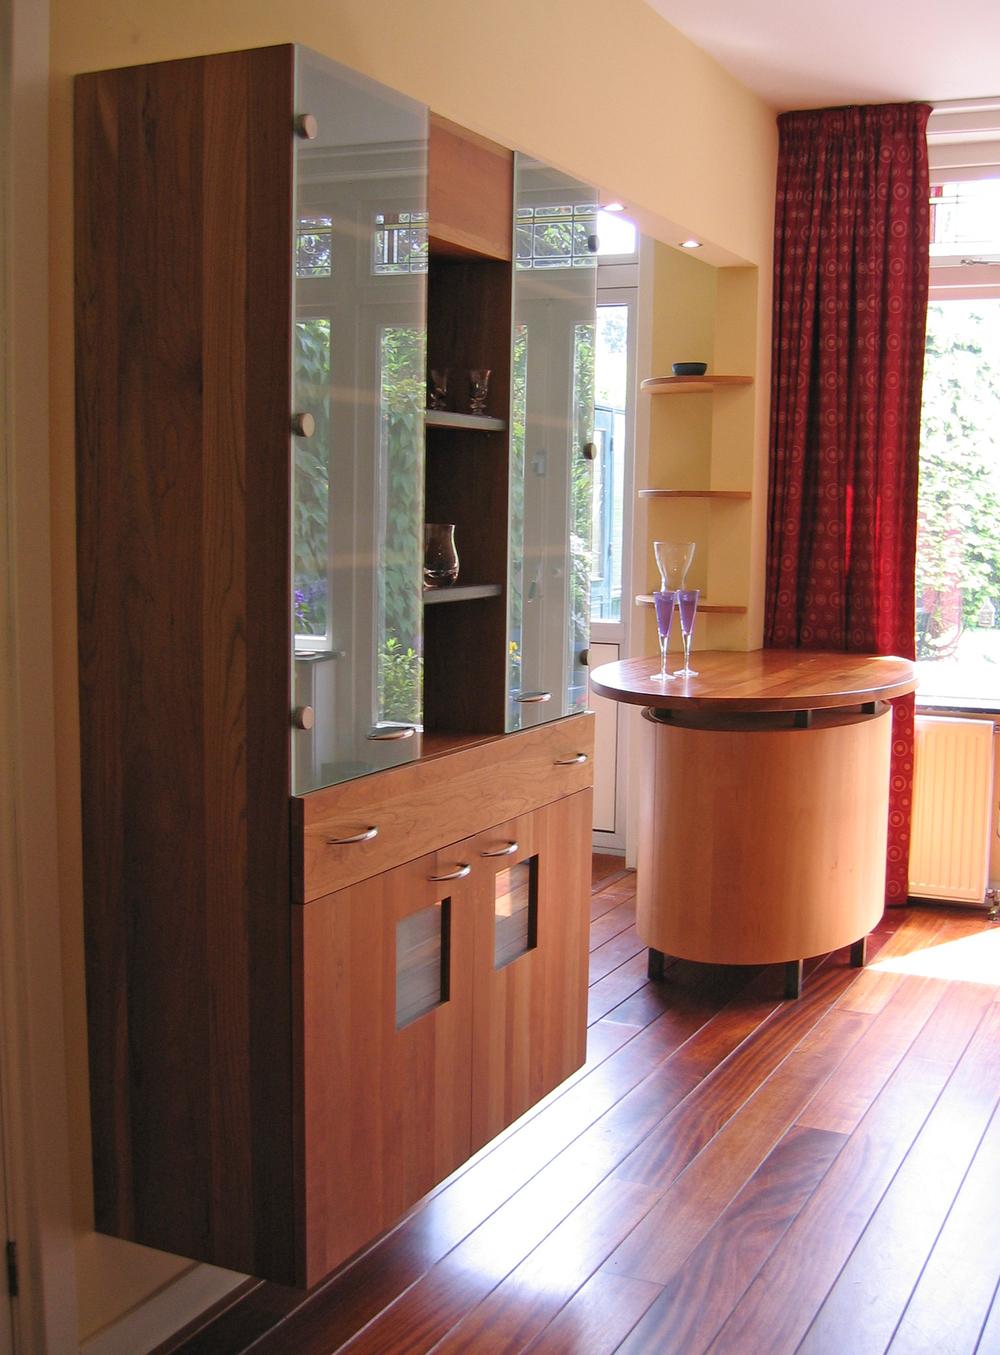 Vrijstaande tafel, ronde planchetten aan muur en zwevend opgehangen wandkast